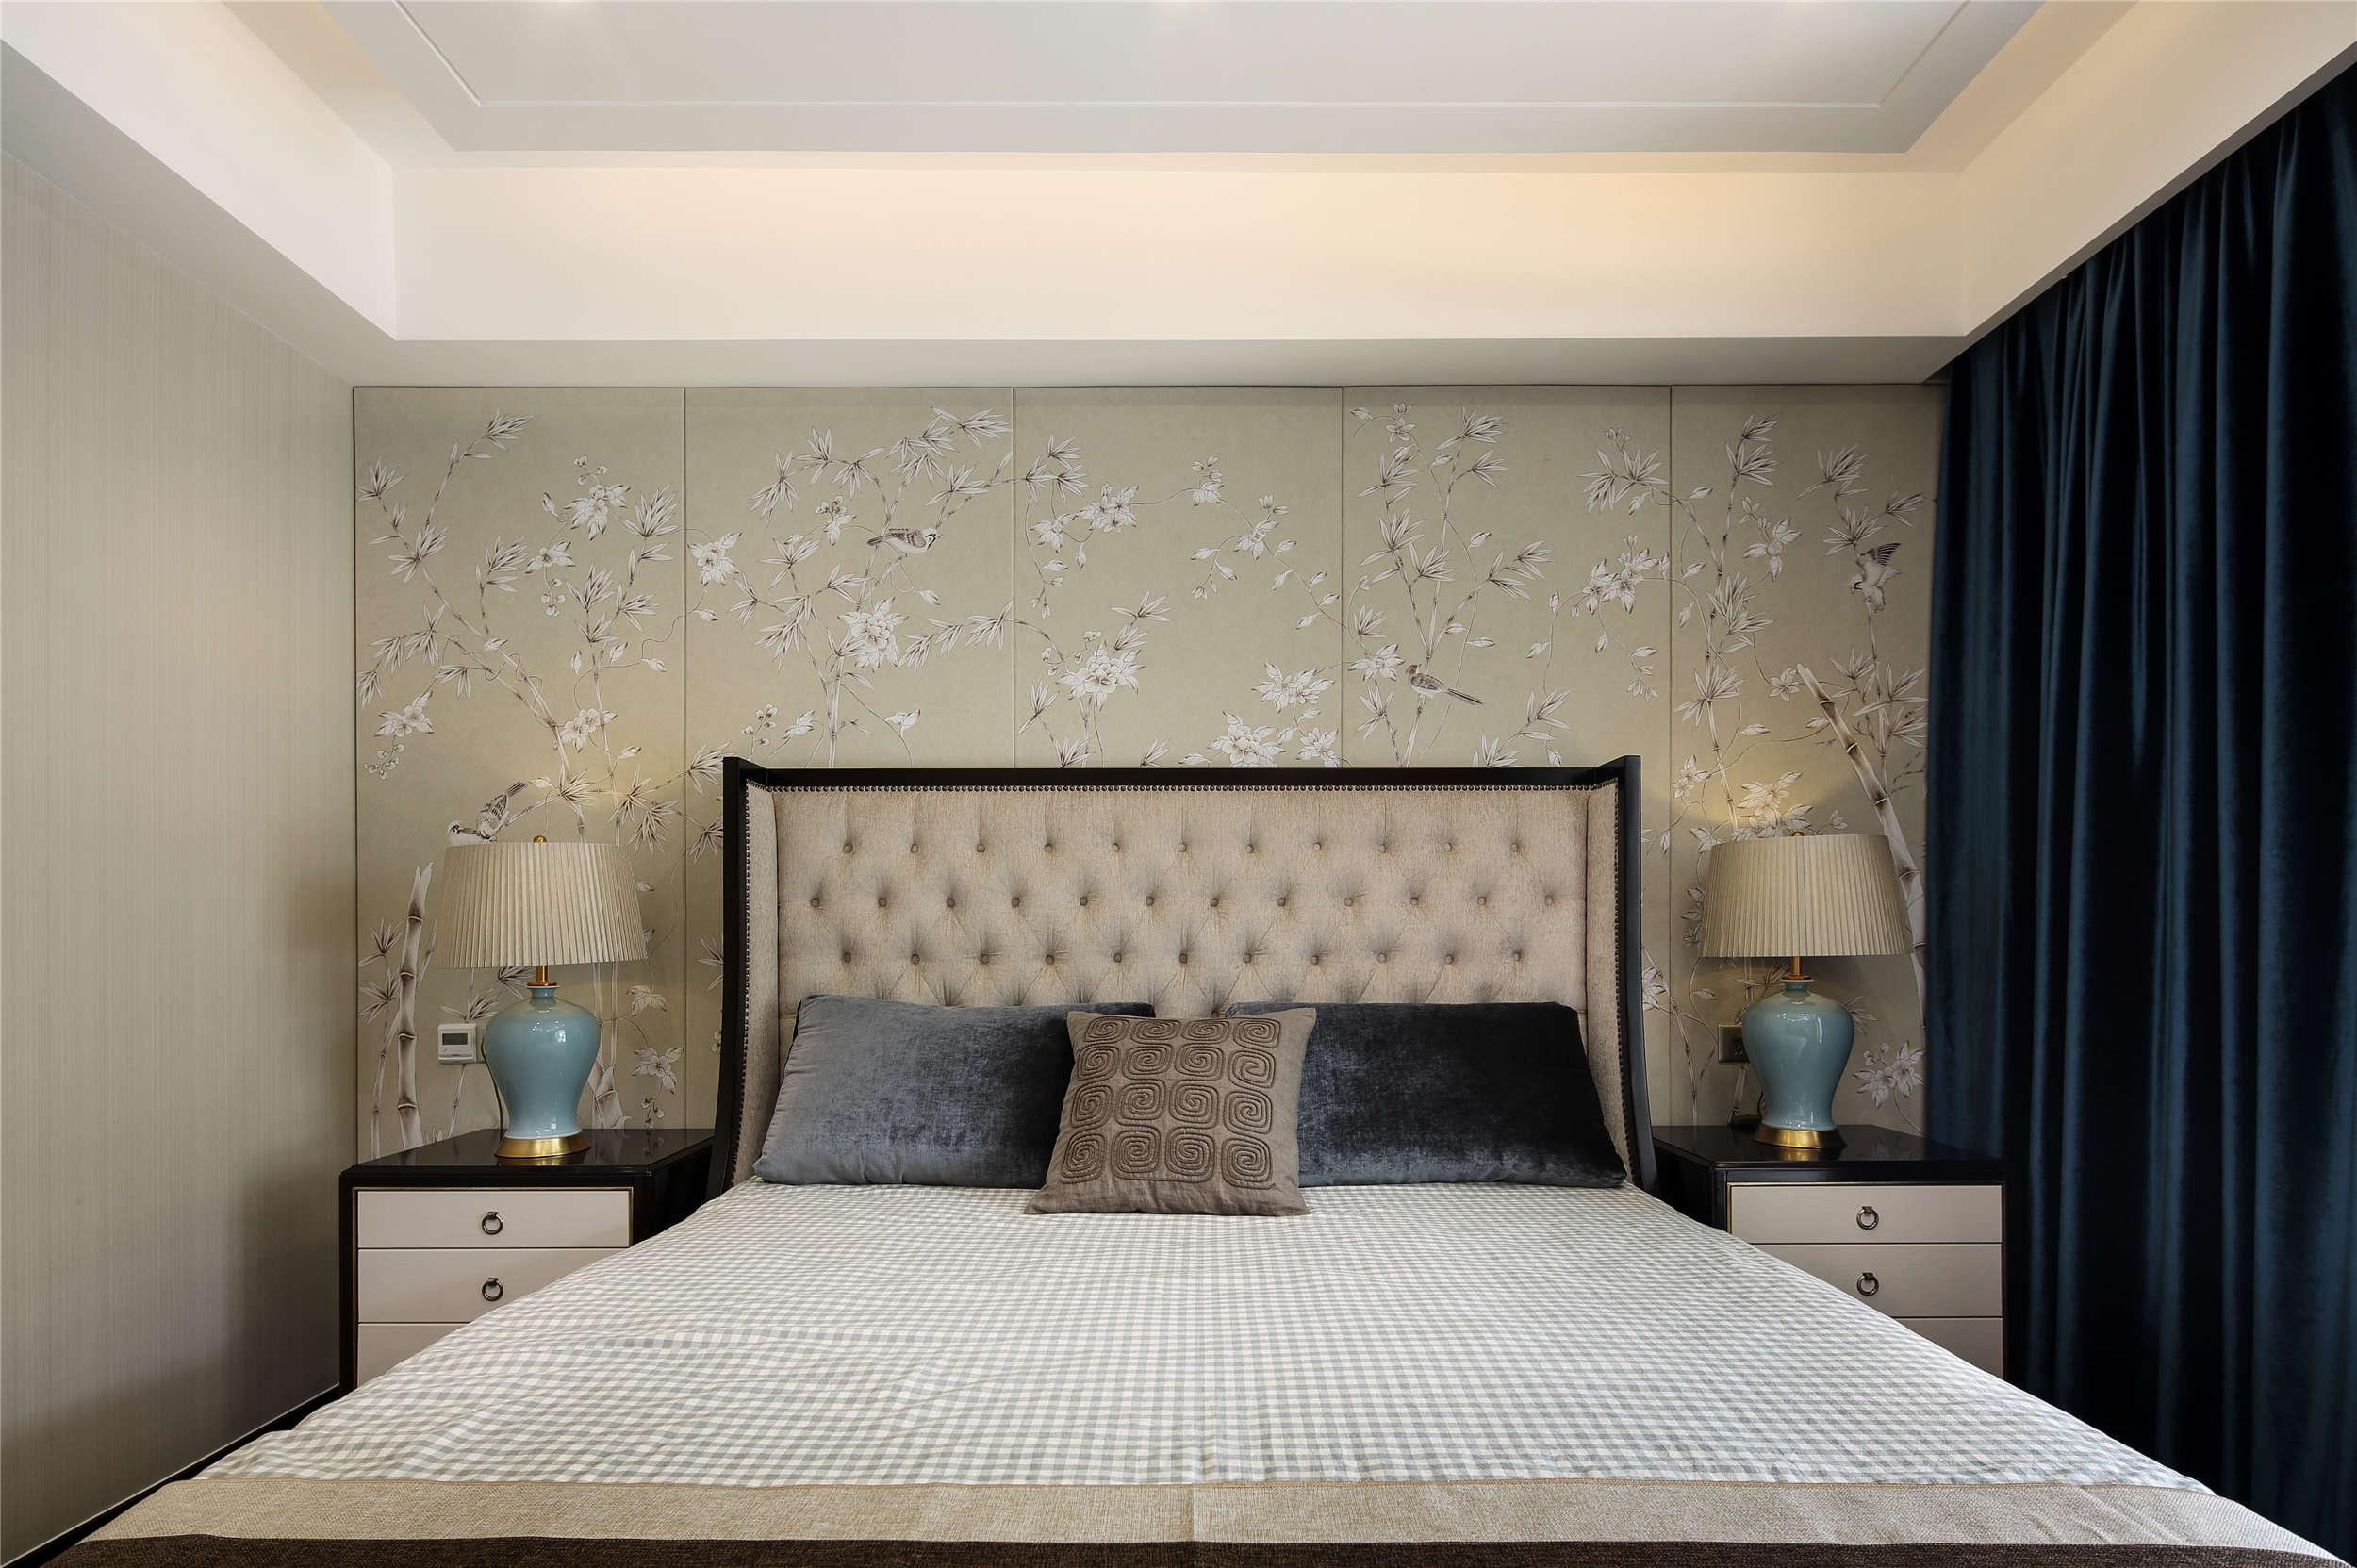 新中式风格别墅床头背景墙装修效果图